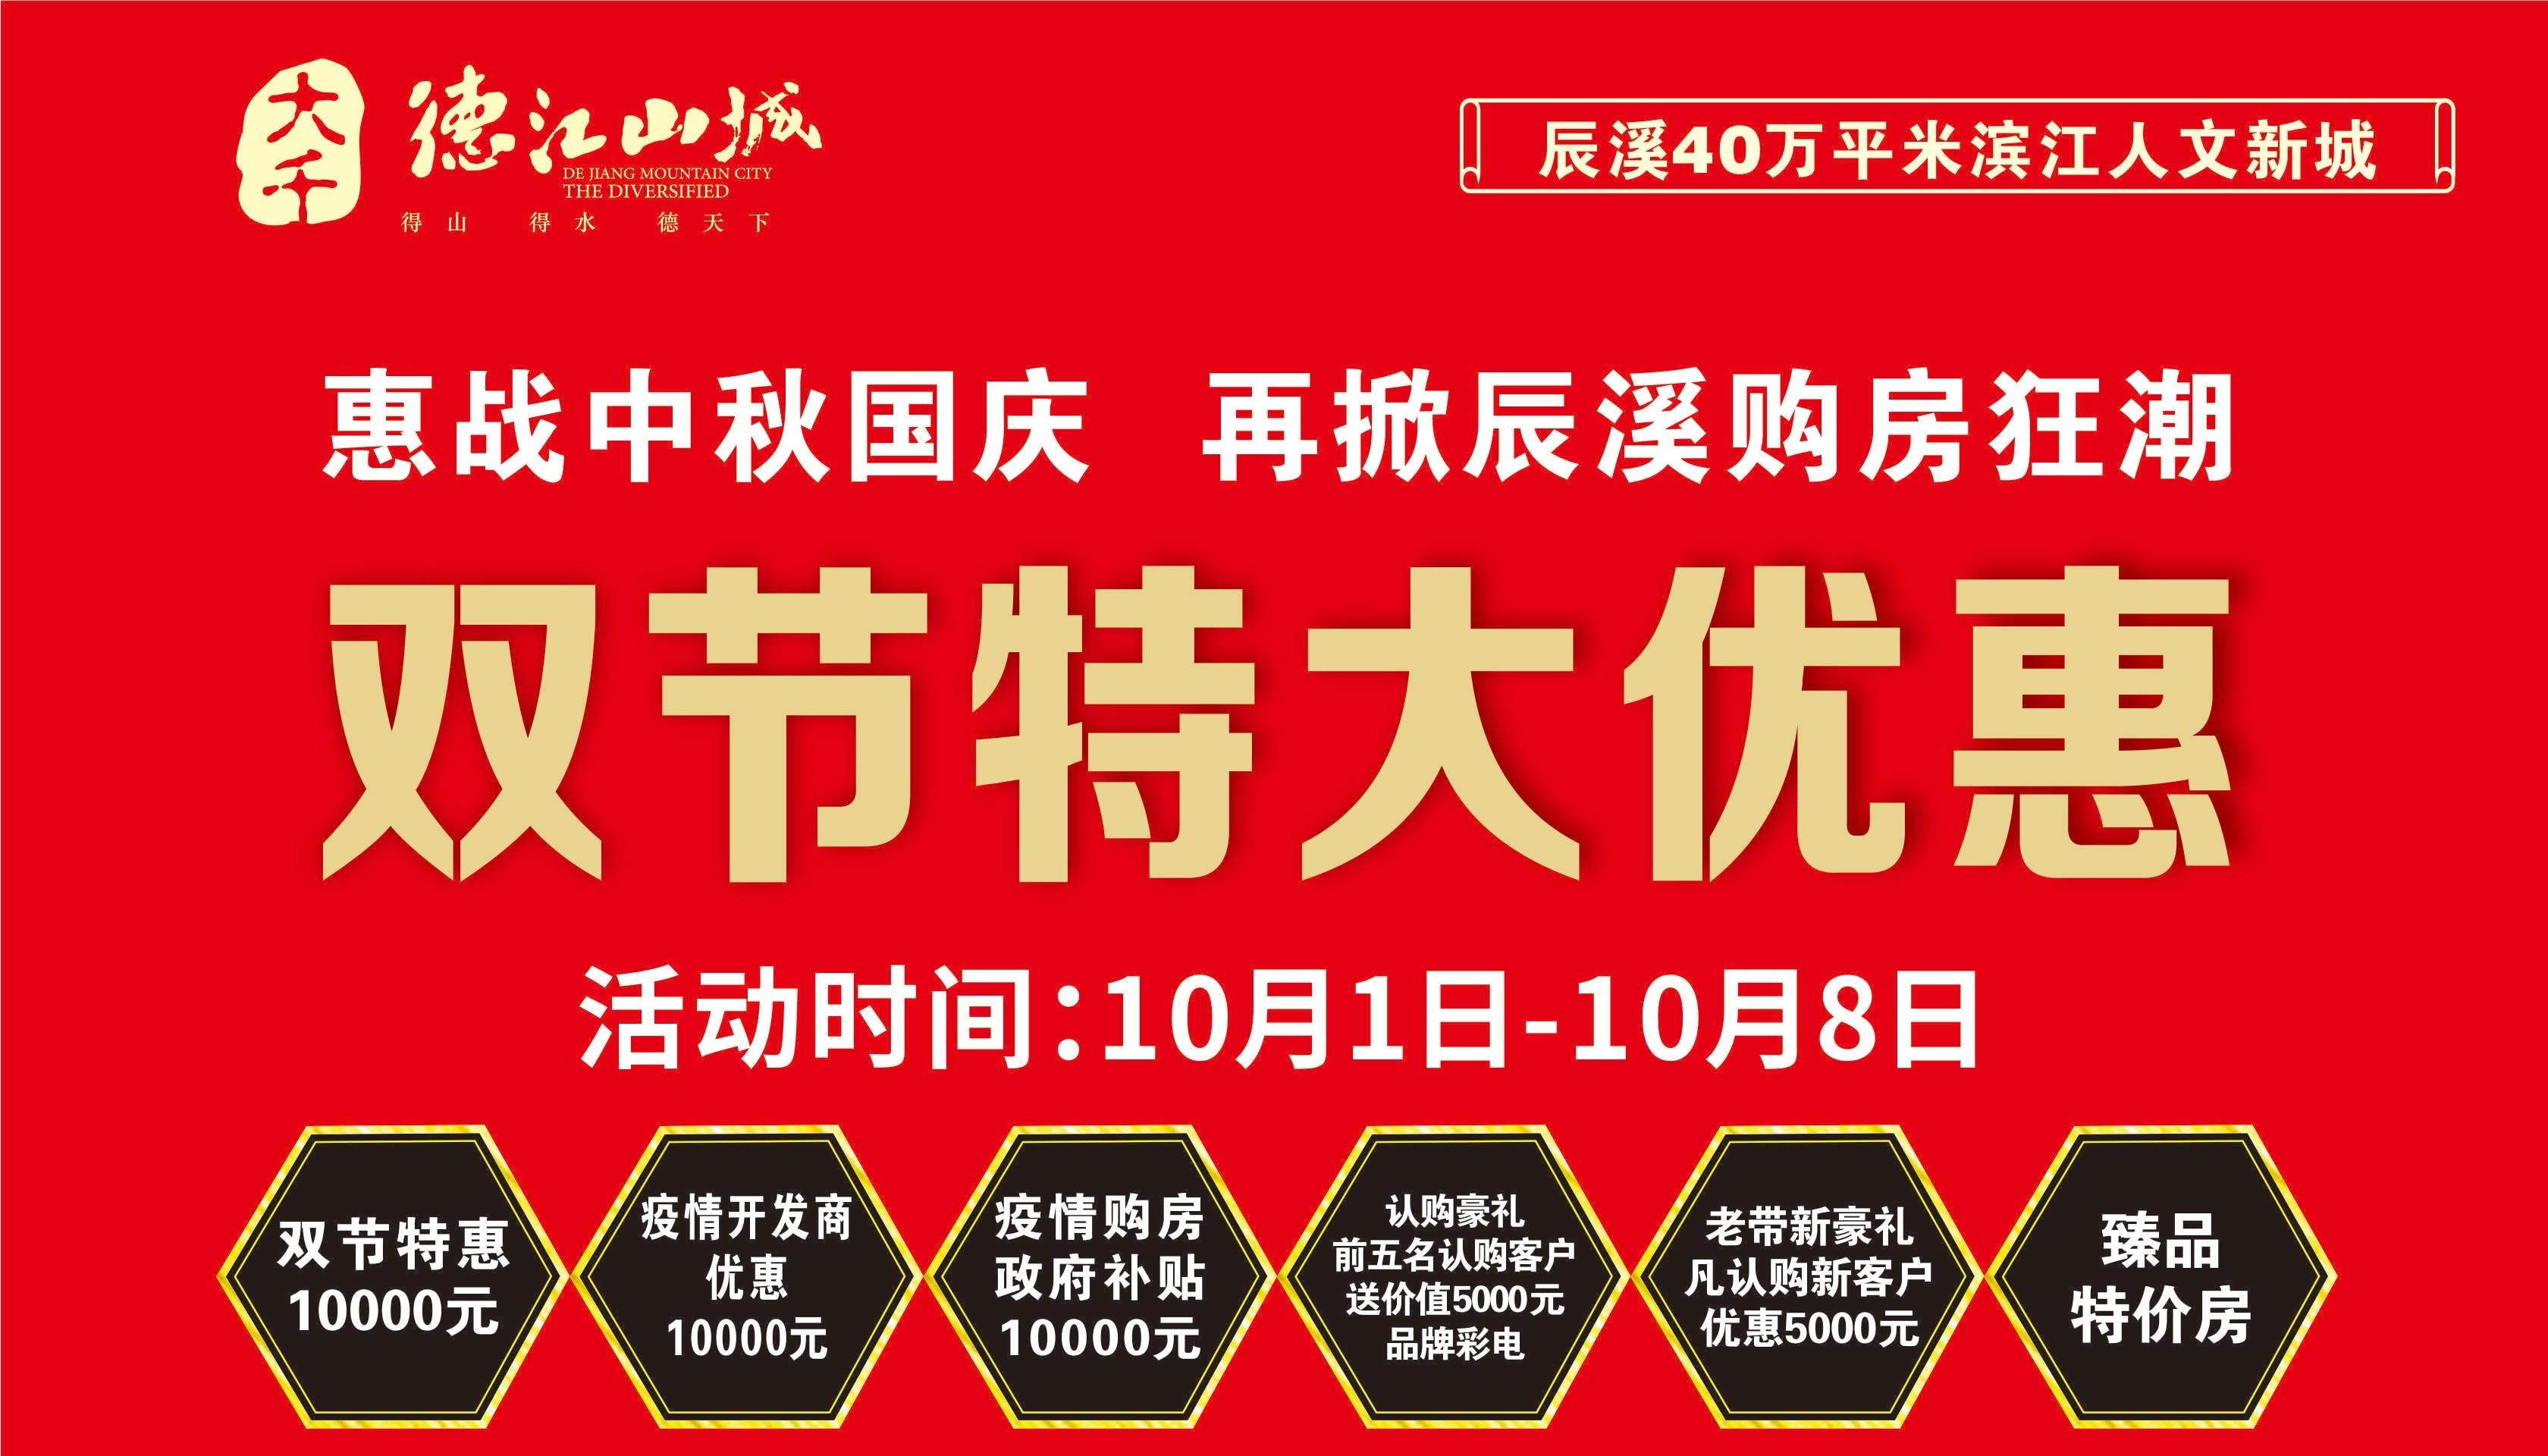 大千·德江山城:双节特大优惠